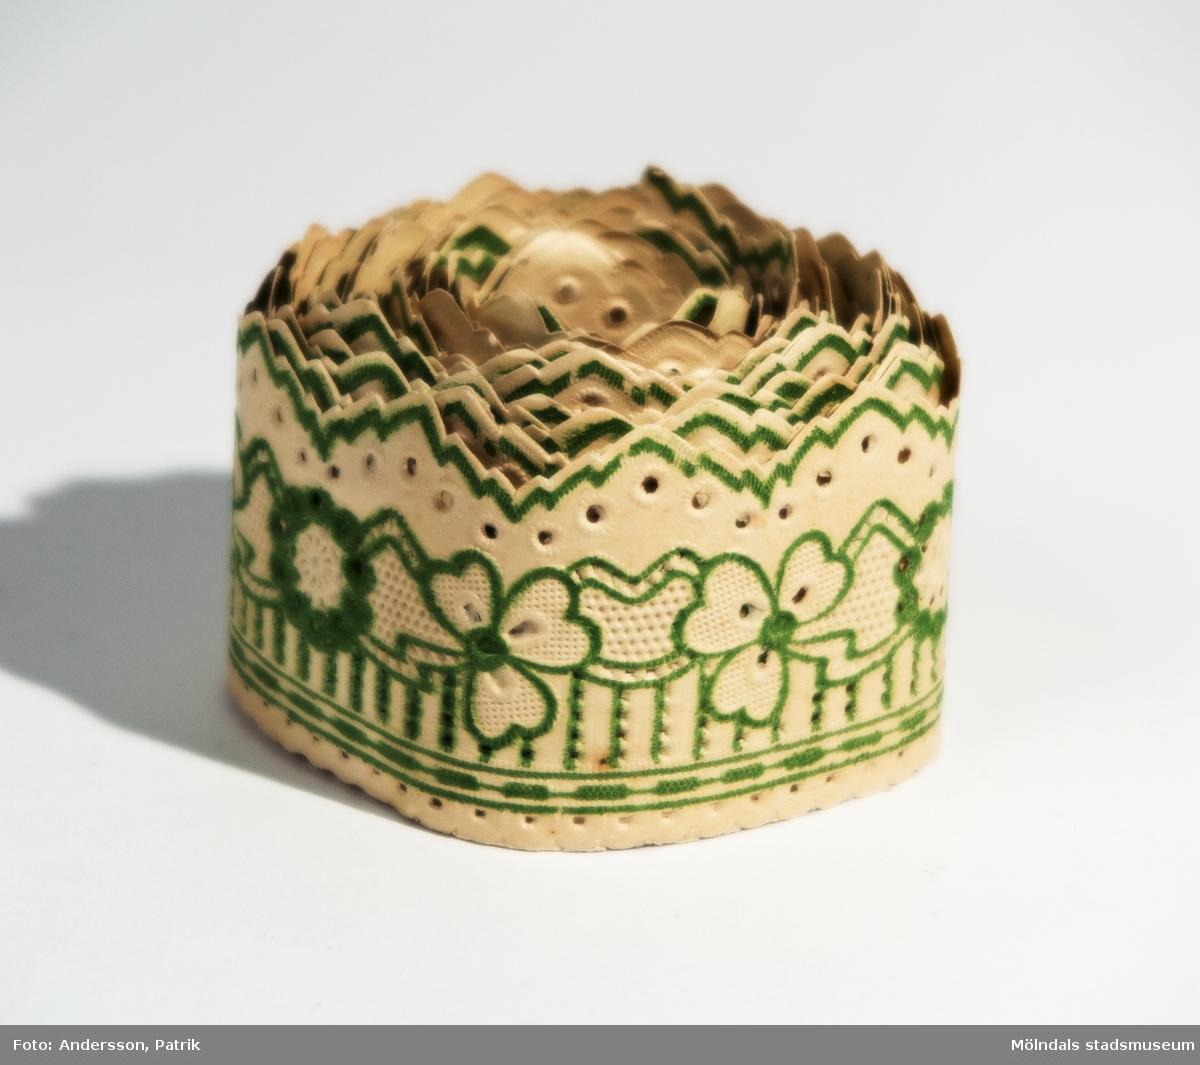 Hyllremsa från 1900 - 1925 tillverkad av Pappersvaror en gros. som låg på Linnégatan i Göteborg. Frithof N Göthberg född 1878, arbetade troligtvis på Pappersvaror en gros.  Mönstret på hyllremsan går i grönt och föreställer bland annat kransar.